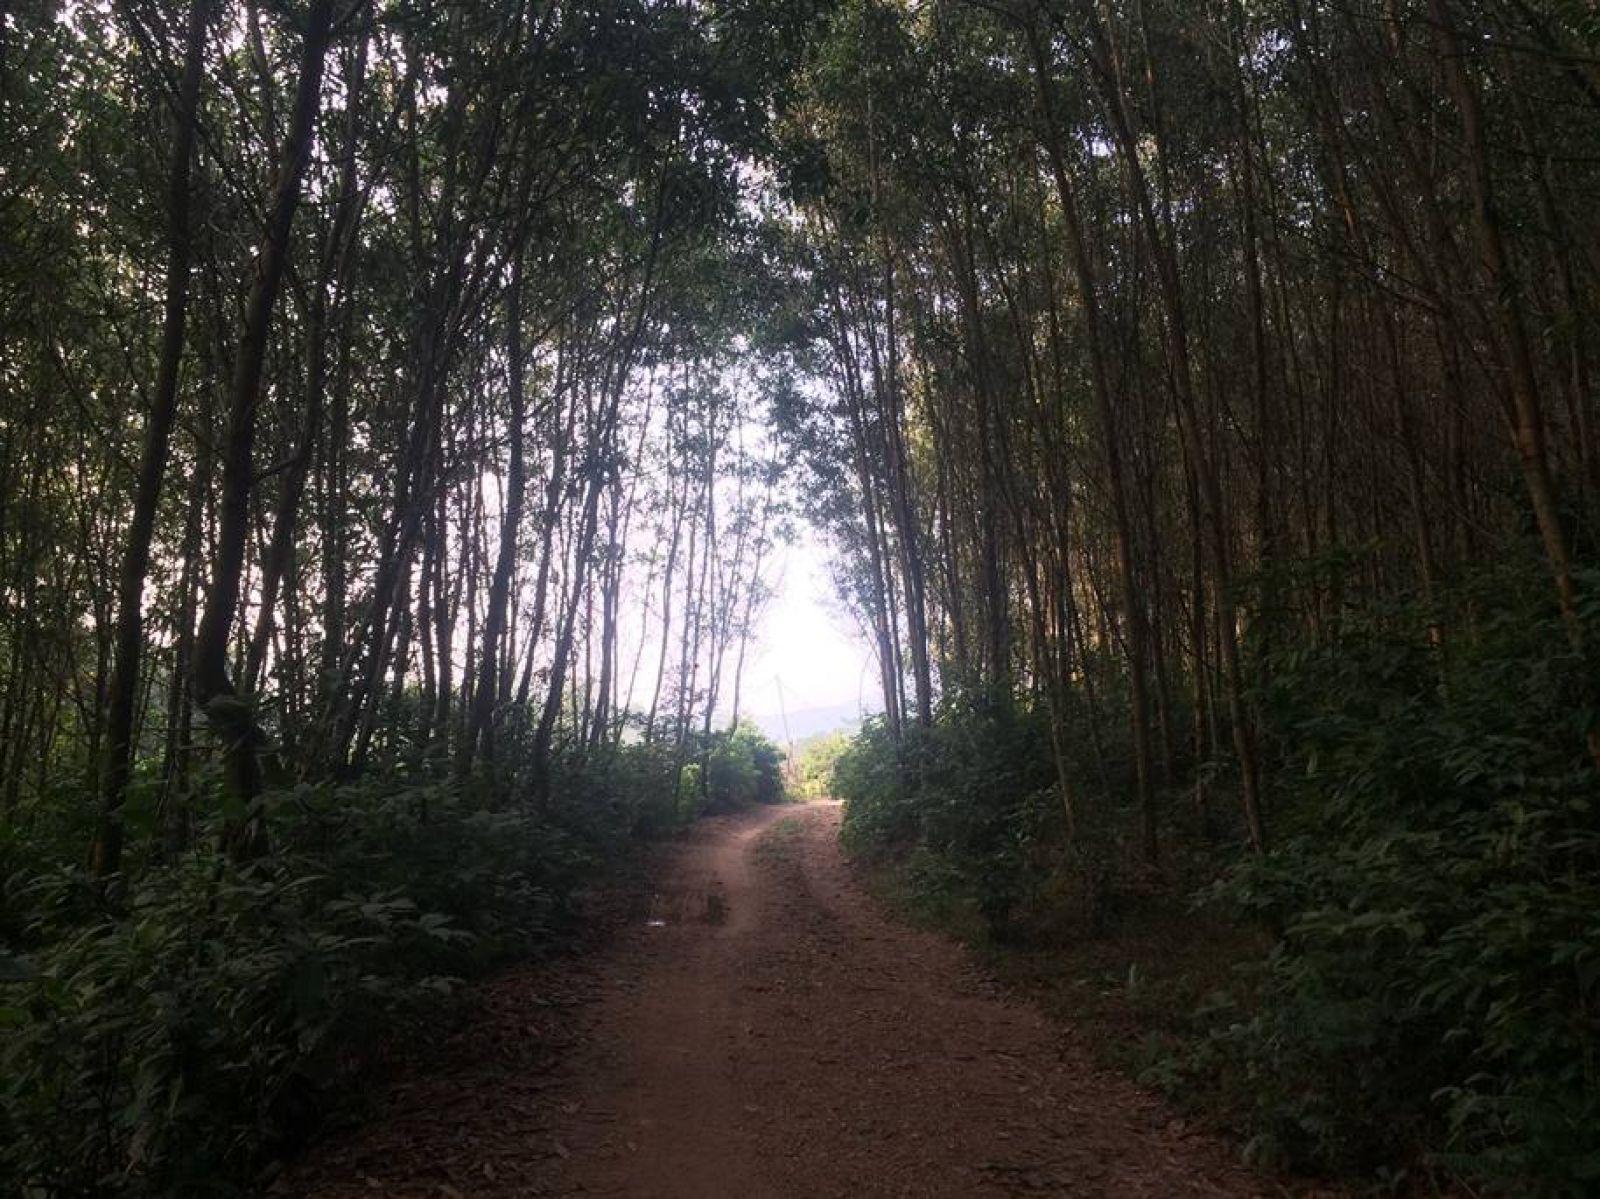 """Còn đường """"nguyên liệu"""" được gia đình anh Nguyễn Tuấn Mạnh đầu tư xây dựng lên từ chân đồi đến đỉnh đồi để tiện thu hoạch keo lai. Ảnh: Cảnh Thắng"""